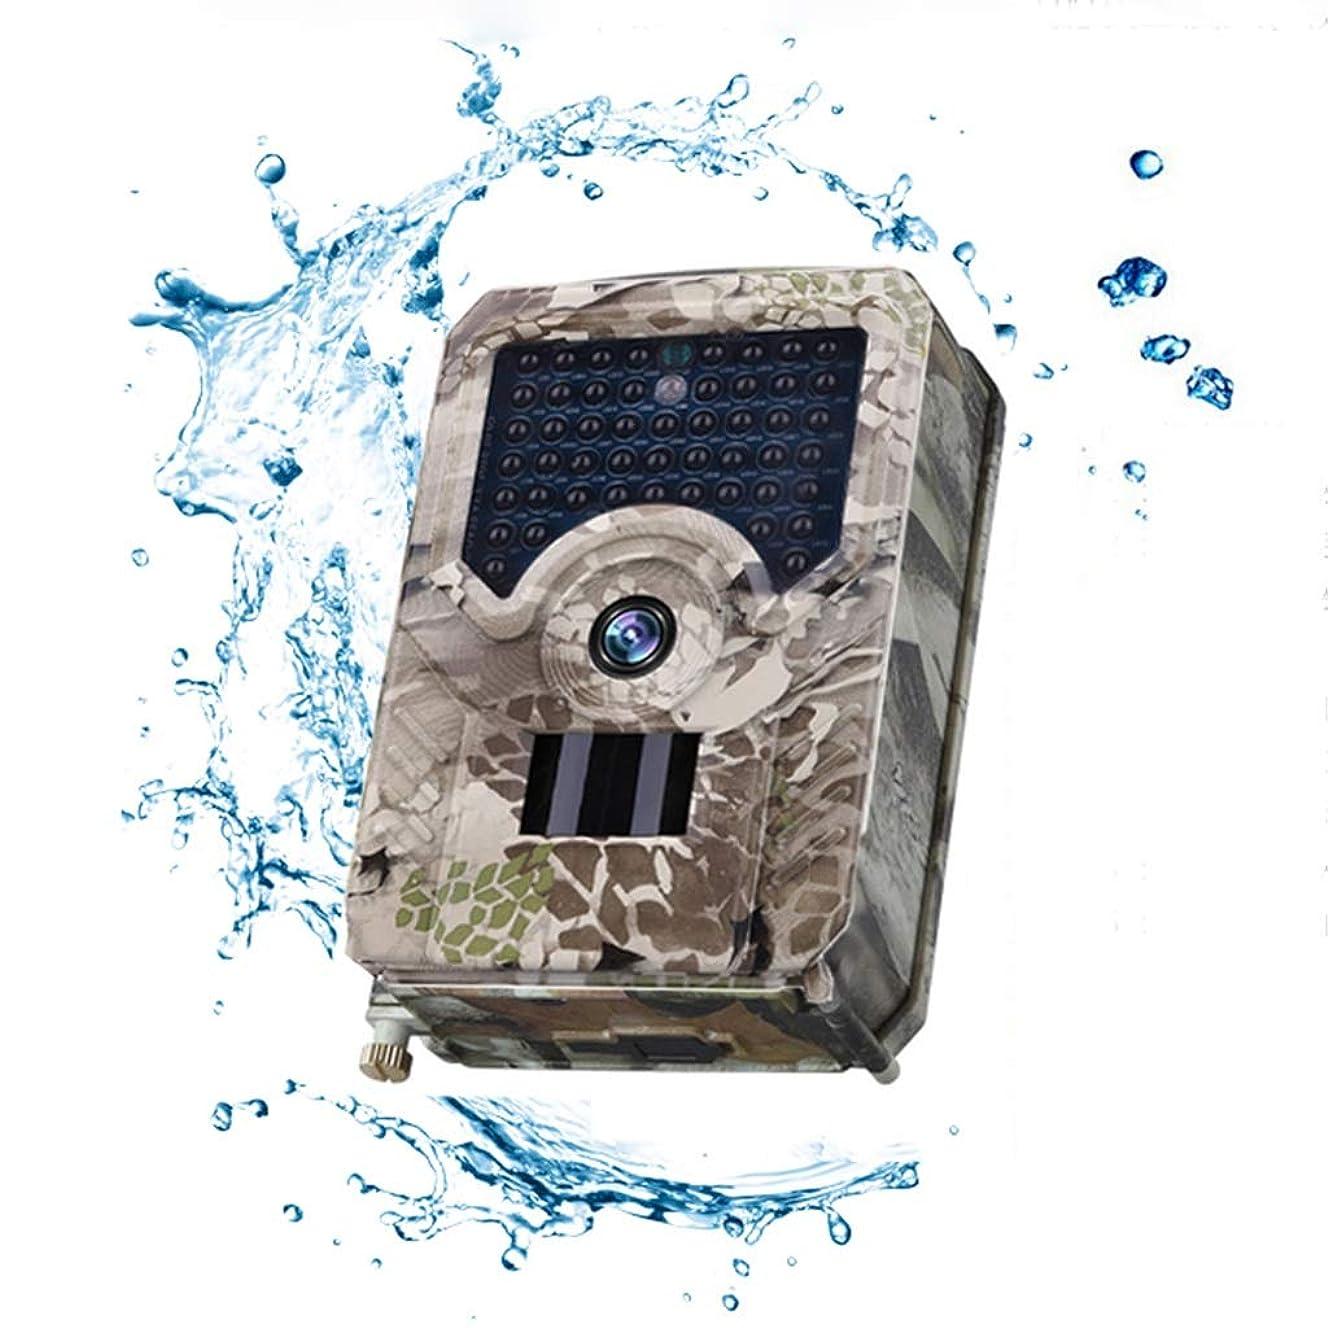 才能援助びっくりした屋外狩猟用カメラ、フィールドアンチシーフHDカメラ監視カメラ、120°広角レンズ、49 IR LED赤外線ナイトビジョンランプ、18650充電式バッテリー (Size : +16G card)